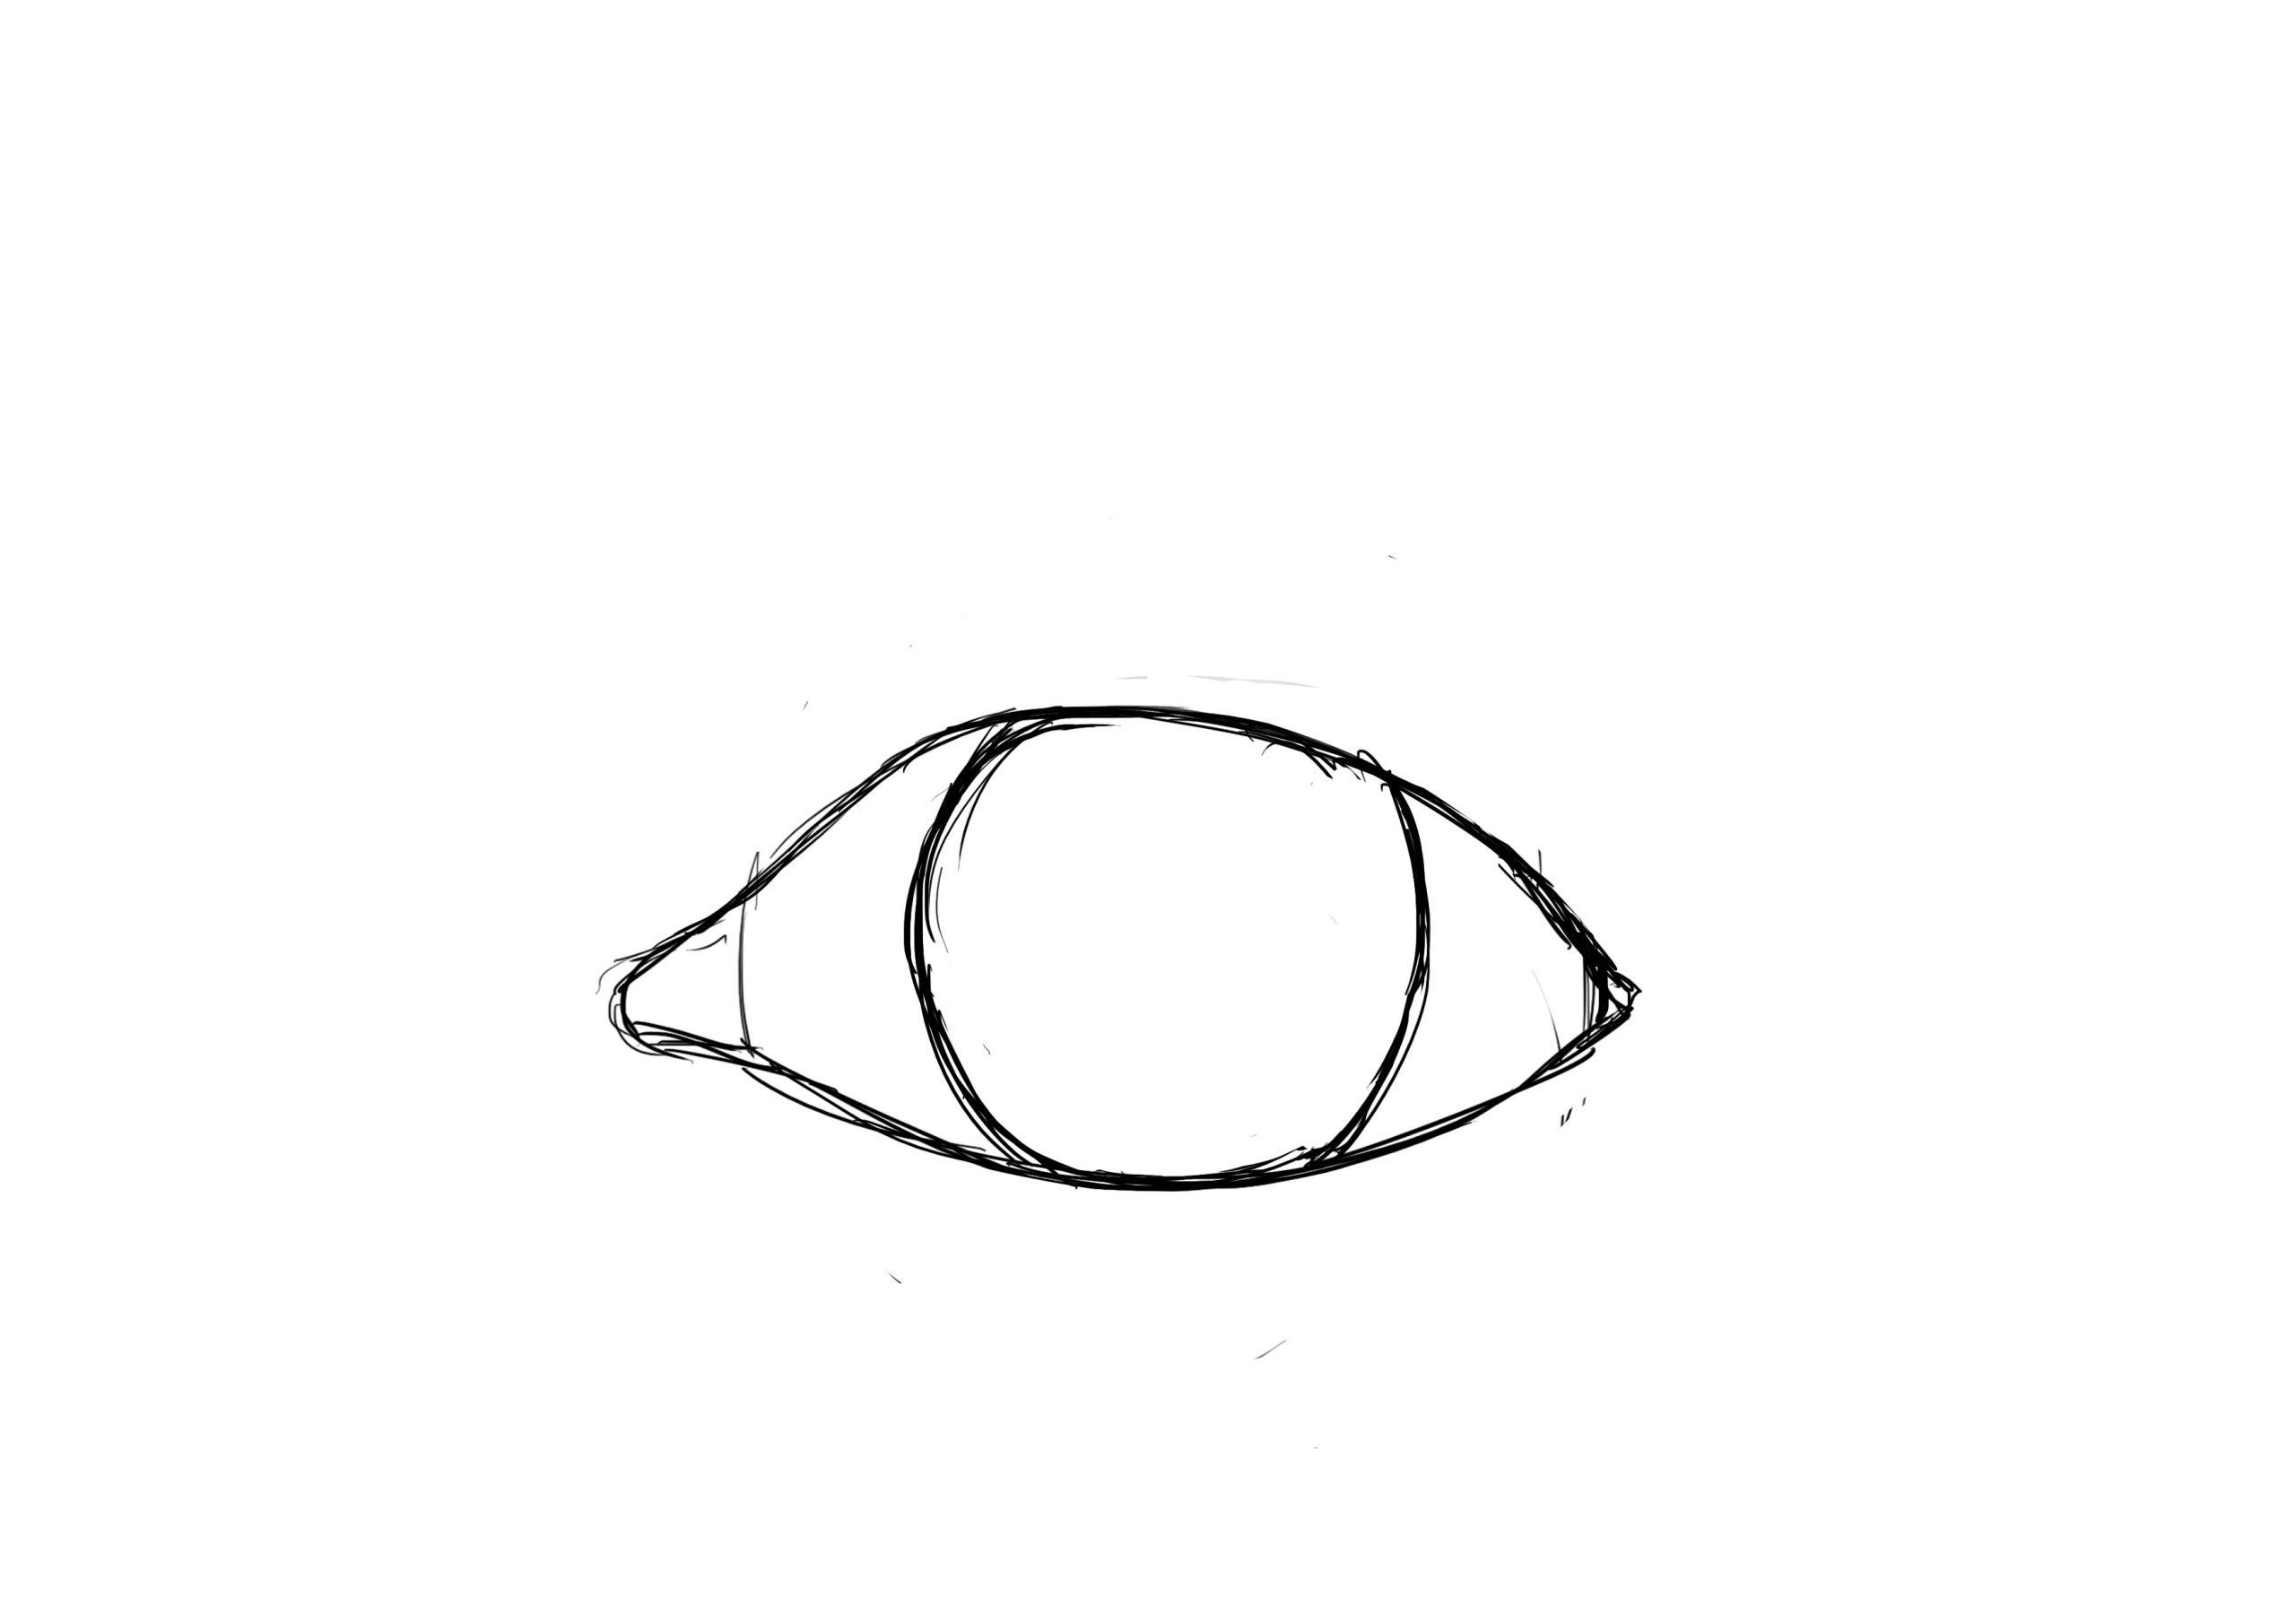 Comment Dessiner Un Oeil Réaliste - Dessindigo dedans Modèles De Dessins À Reproduire